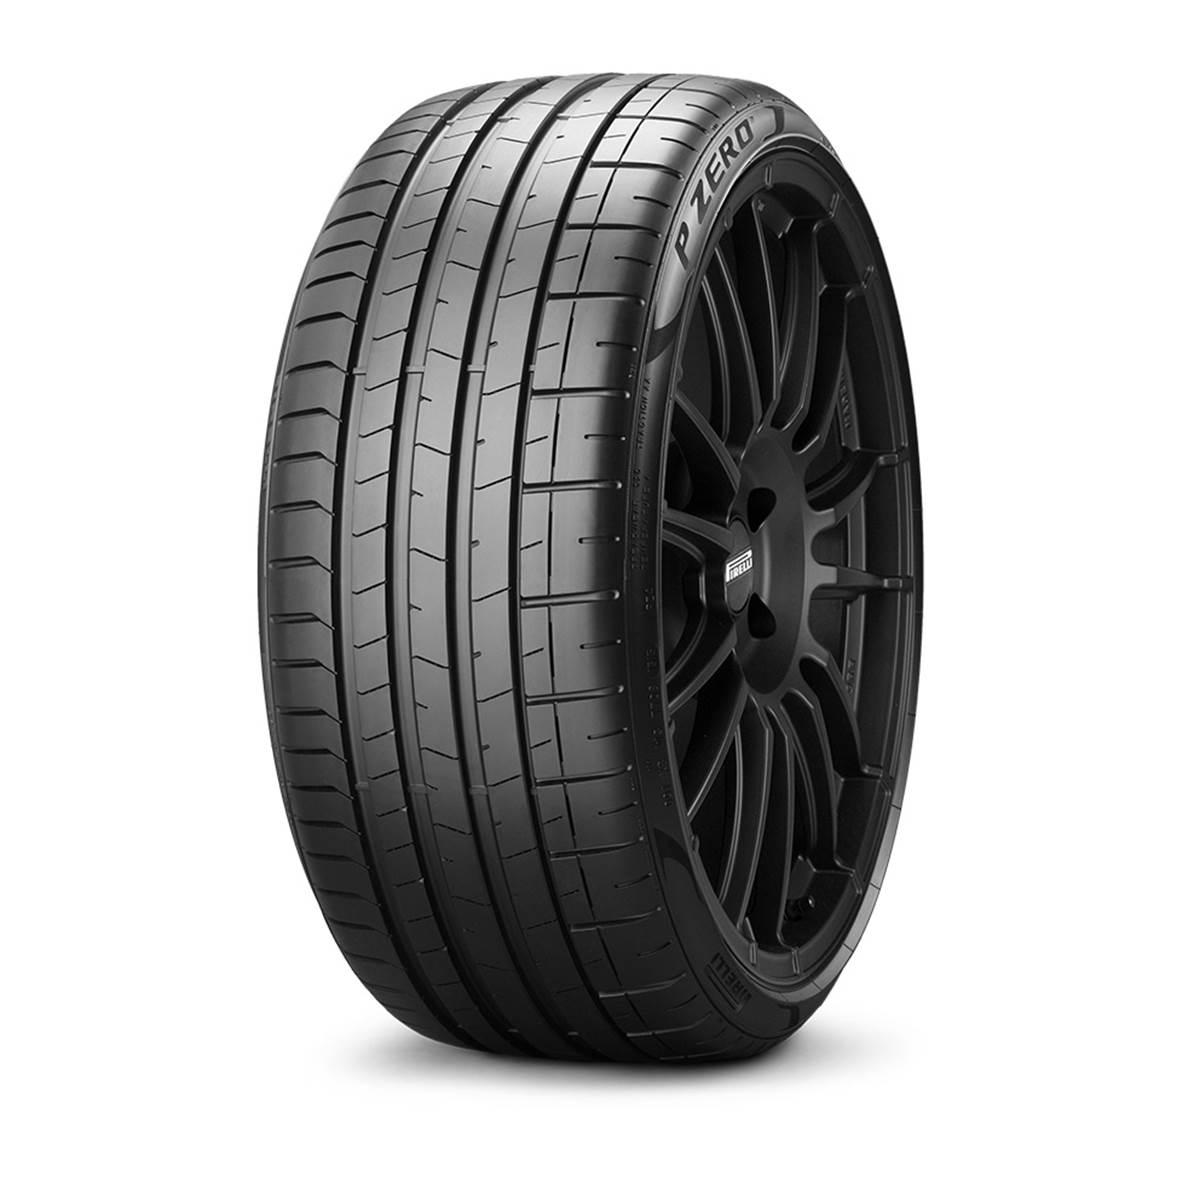 Pneu Pirelli 245/35R19 93Y Pzero XL